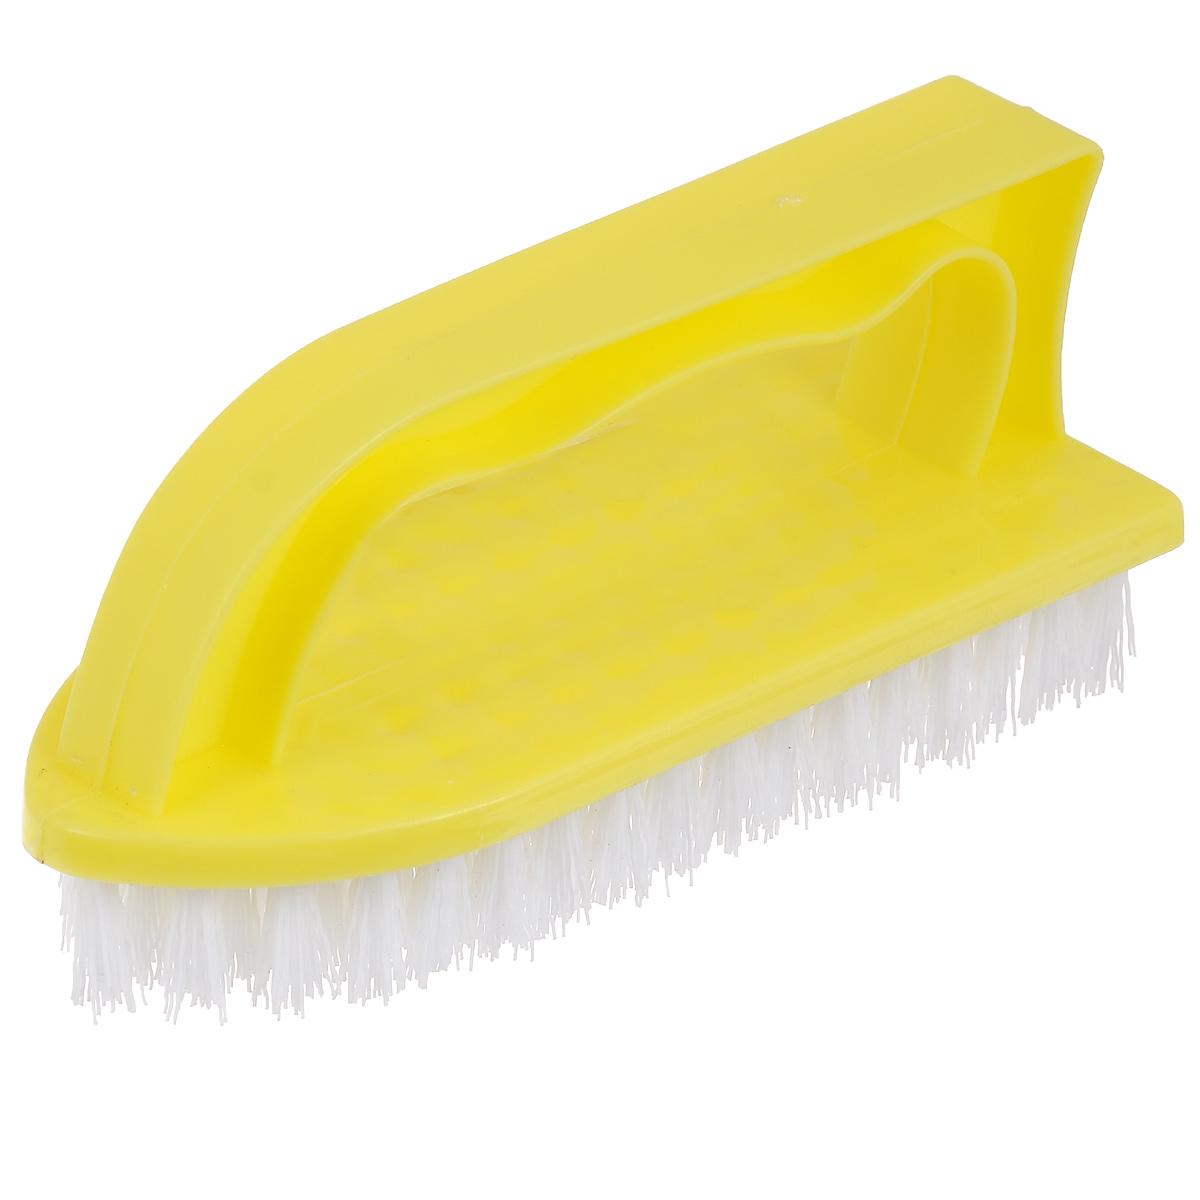 Щетка Home Queen Утюг, универсальная, цвет: желтый. 8787Щетка Home Queen Утюг, выполненная из полипропилена и нейлона, является универсальной щеткой для очистки поверхностей ванной комнаты и кухни. Оснащена удобной ручкой. Длина ворсинок: 2,5 см.